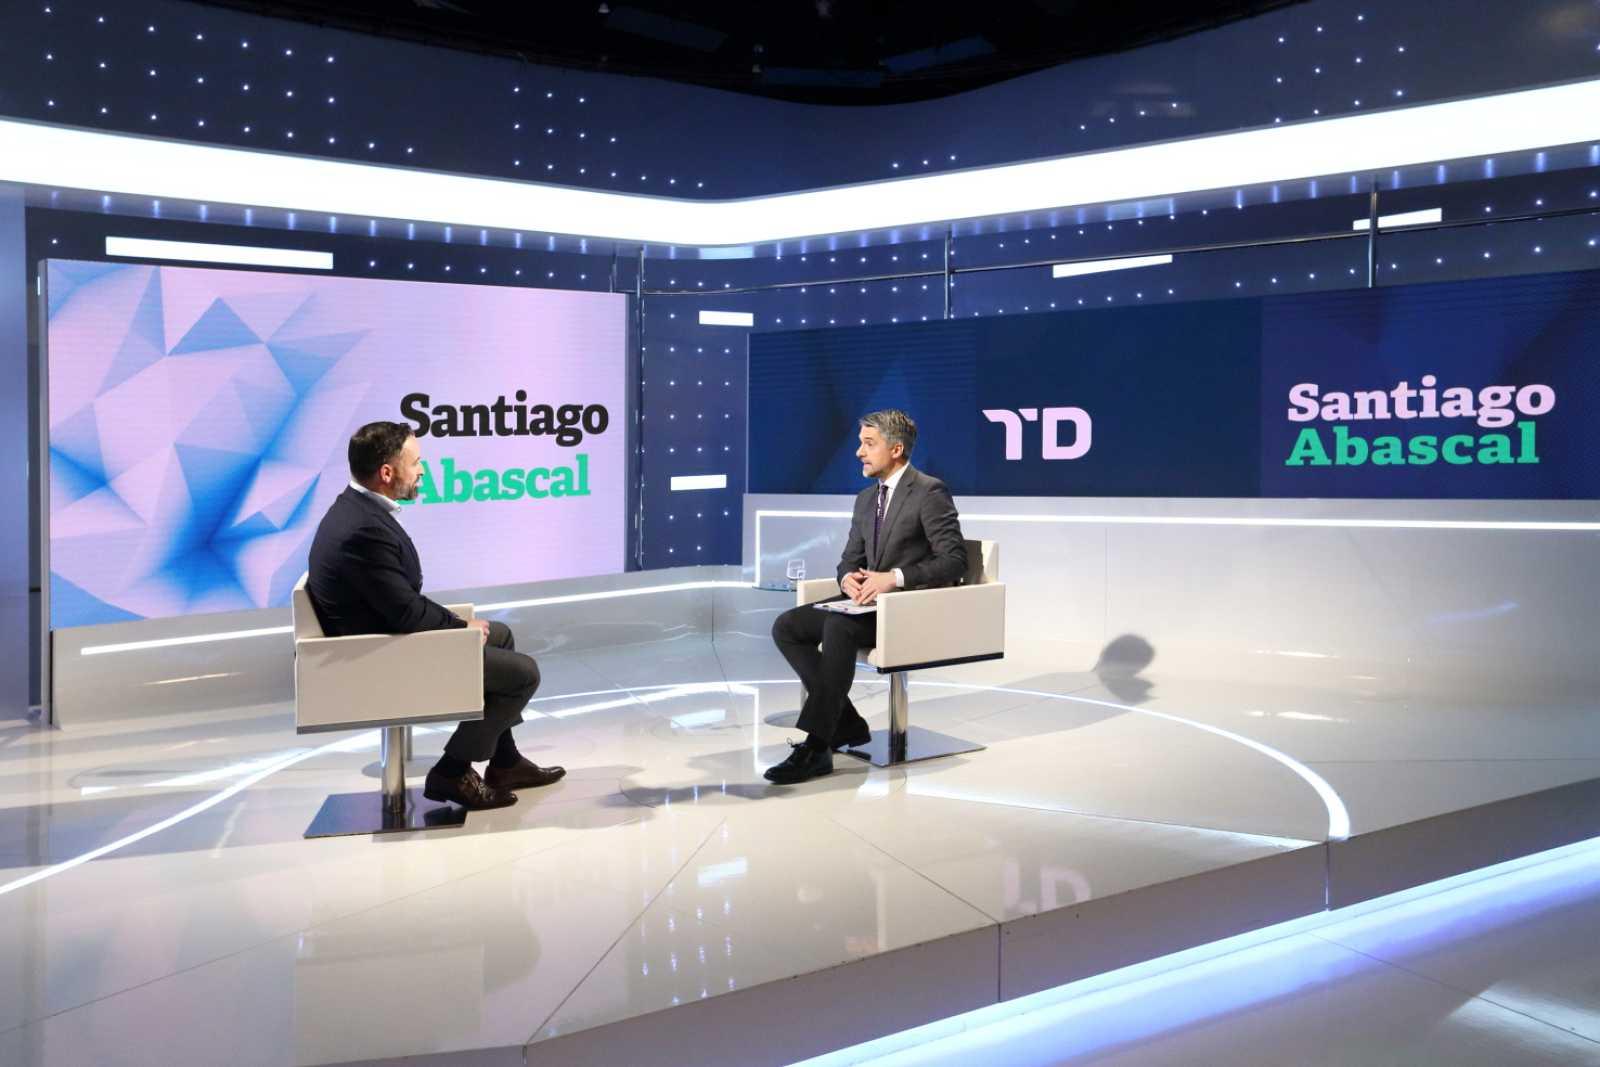 Entrevista íntegra a Santiago Abascal en RTVE